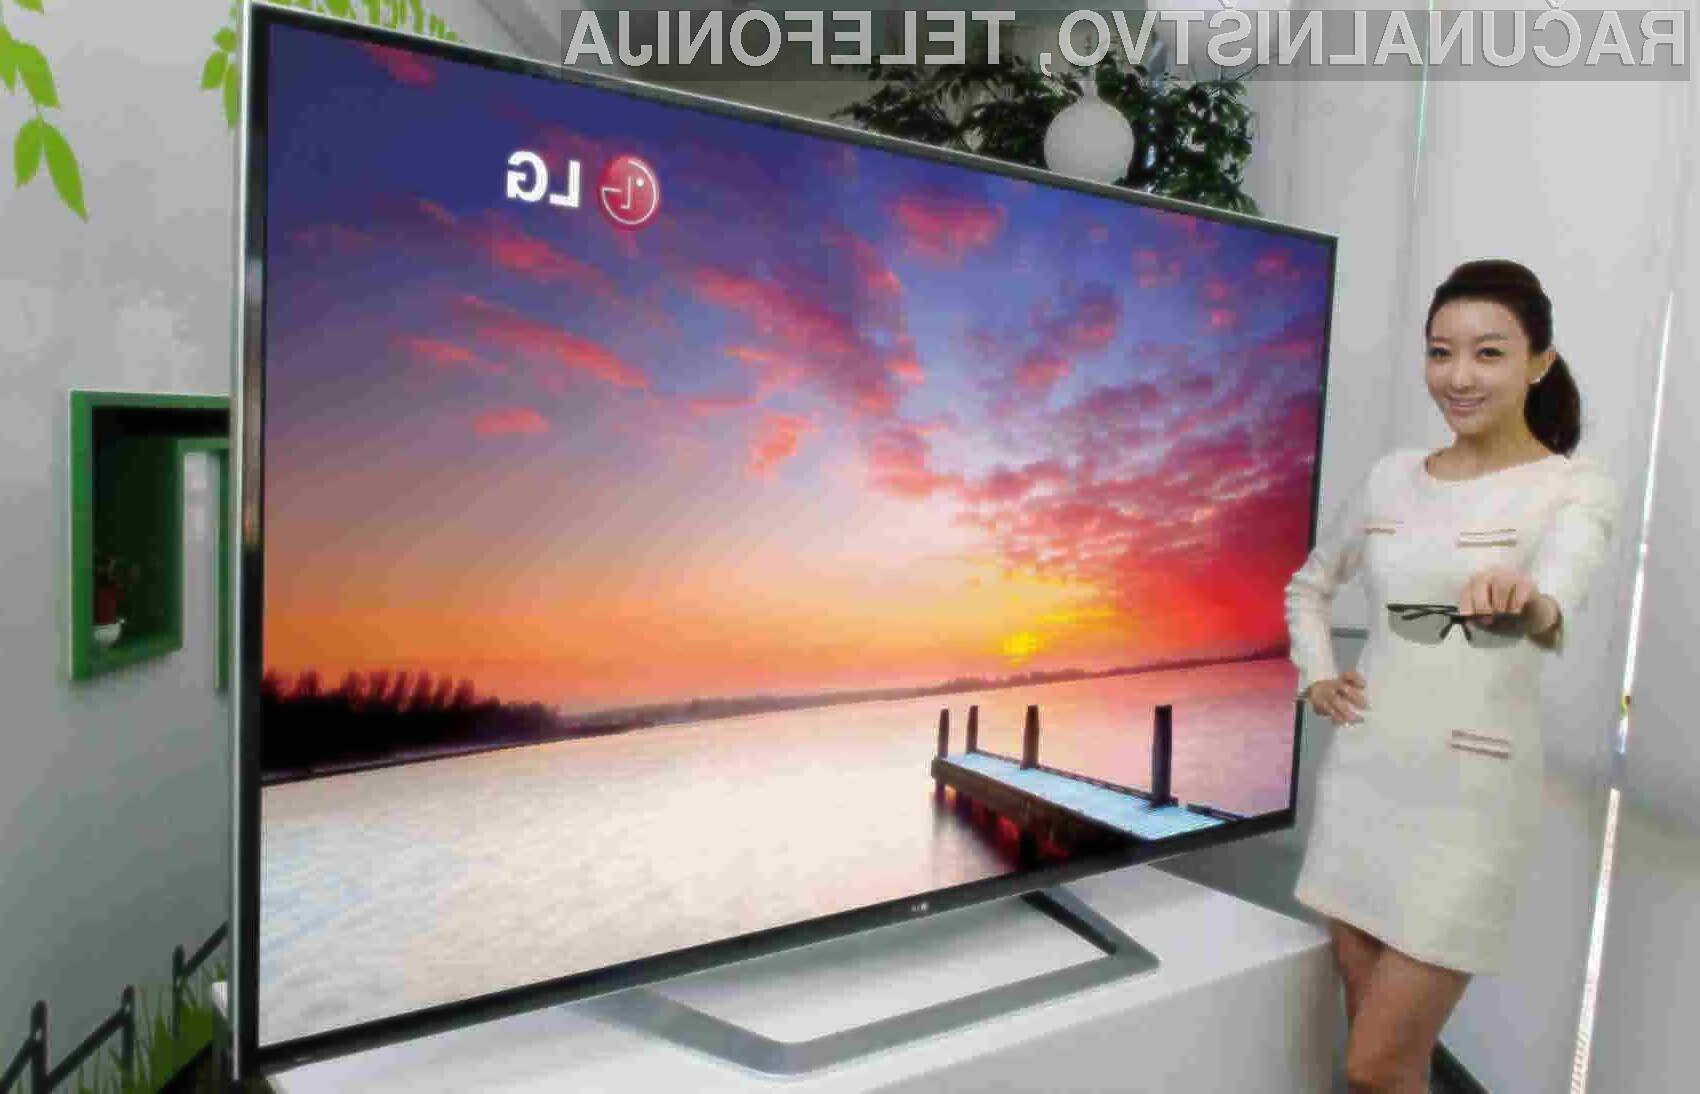 Vsi televizorji z ločljivostjo večjo od 3.840 x 2.160 slikovnih točk bodo odslej opremljeni z oznako Ultra HD